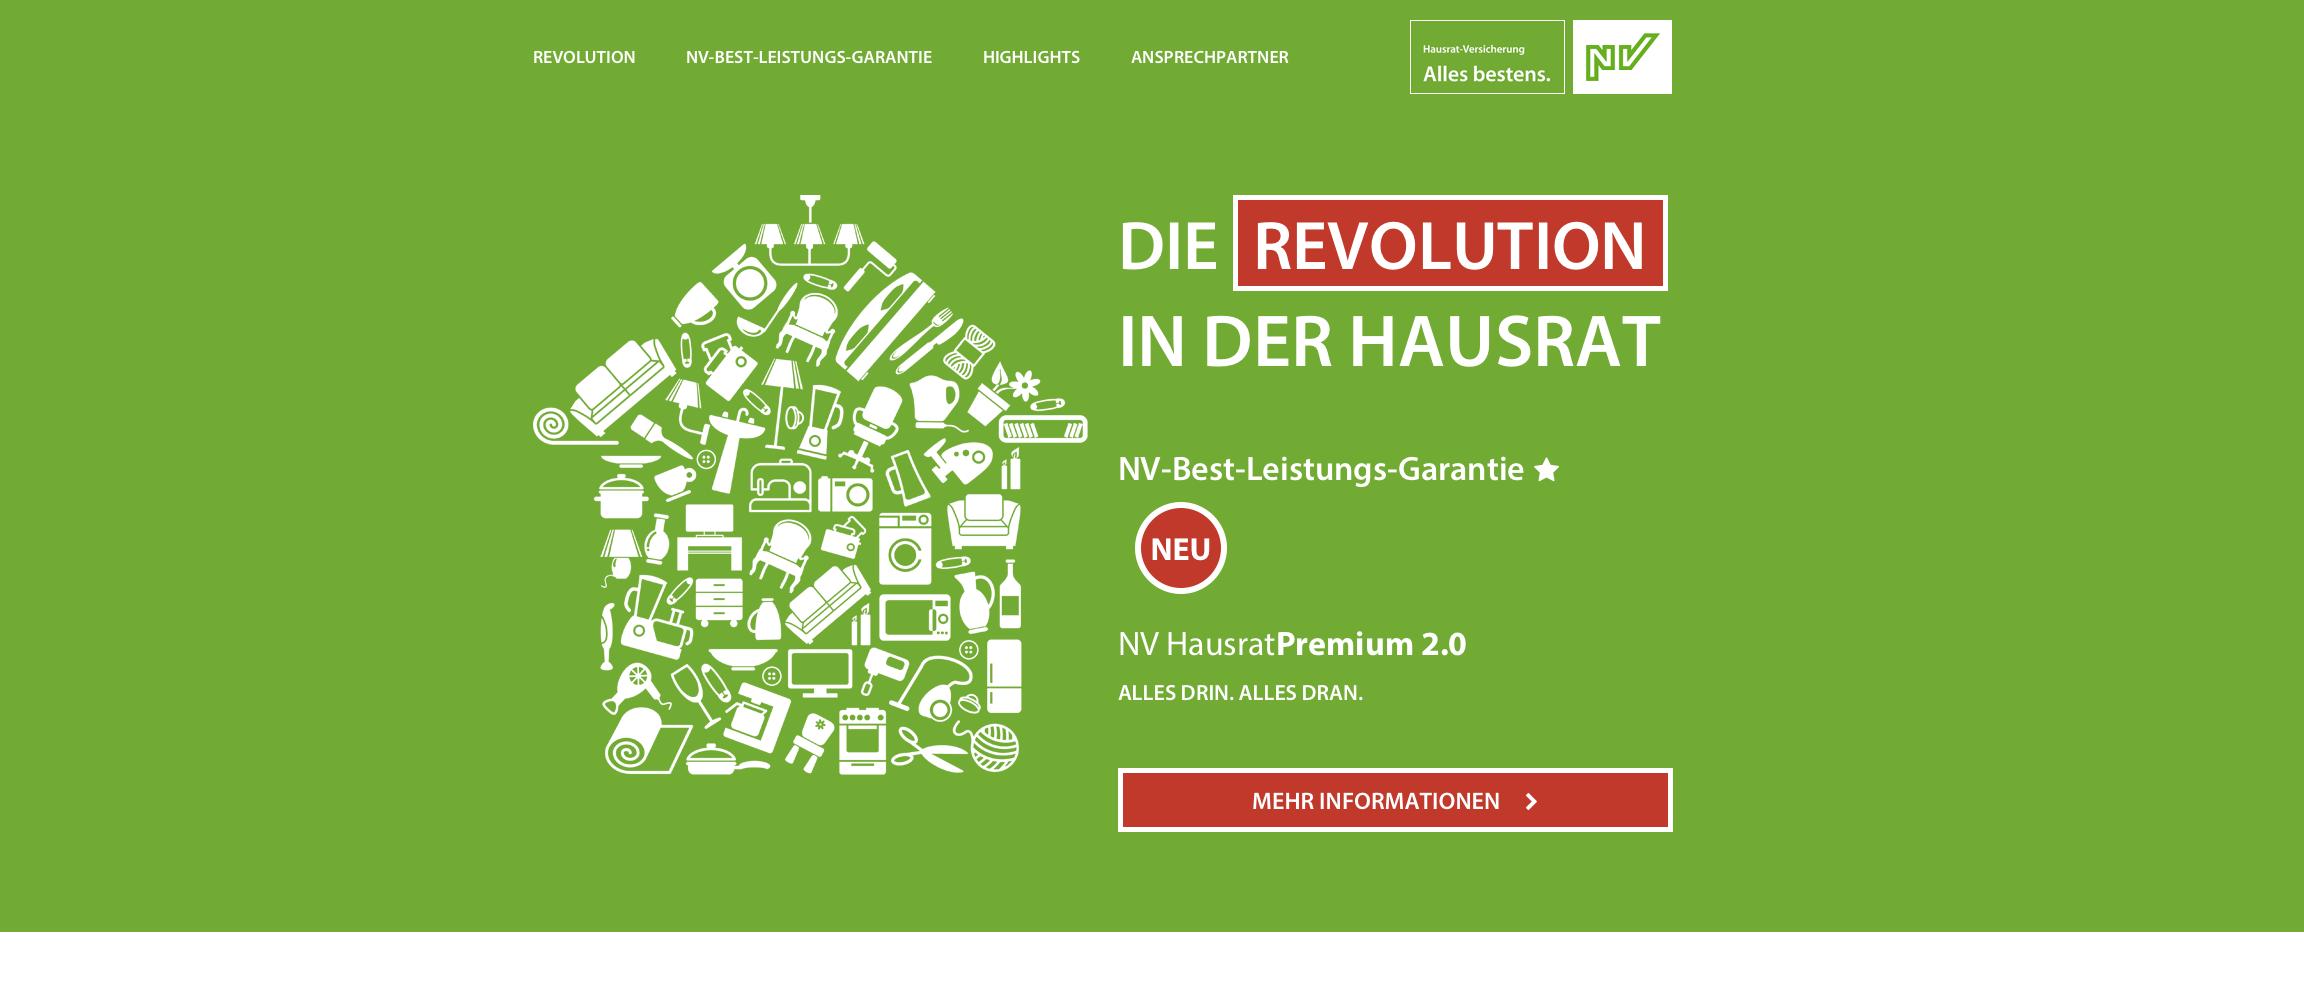 Die NV-Hausrat-Revolution hat begonnen.